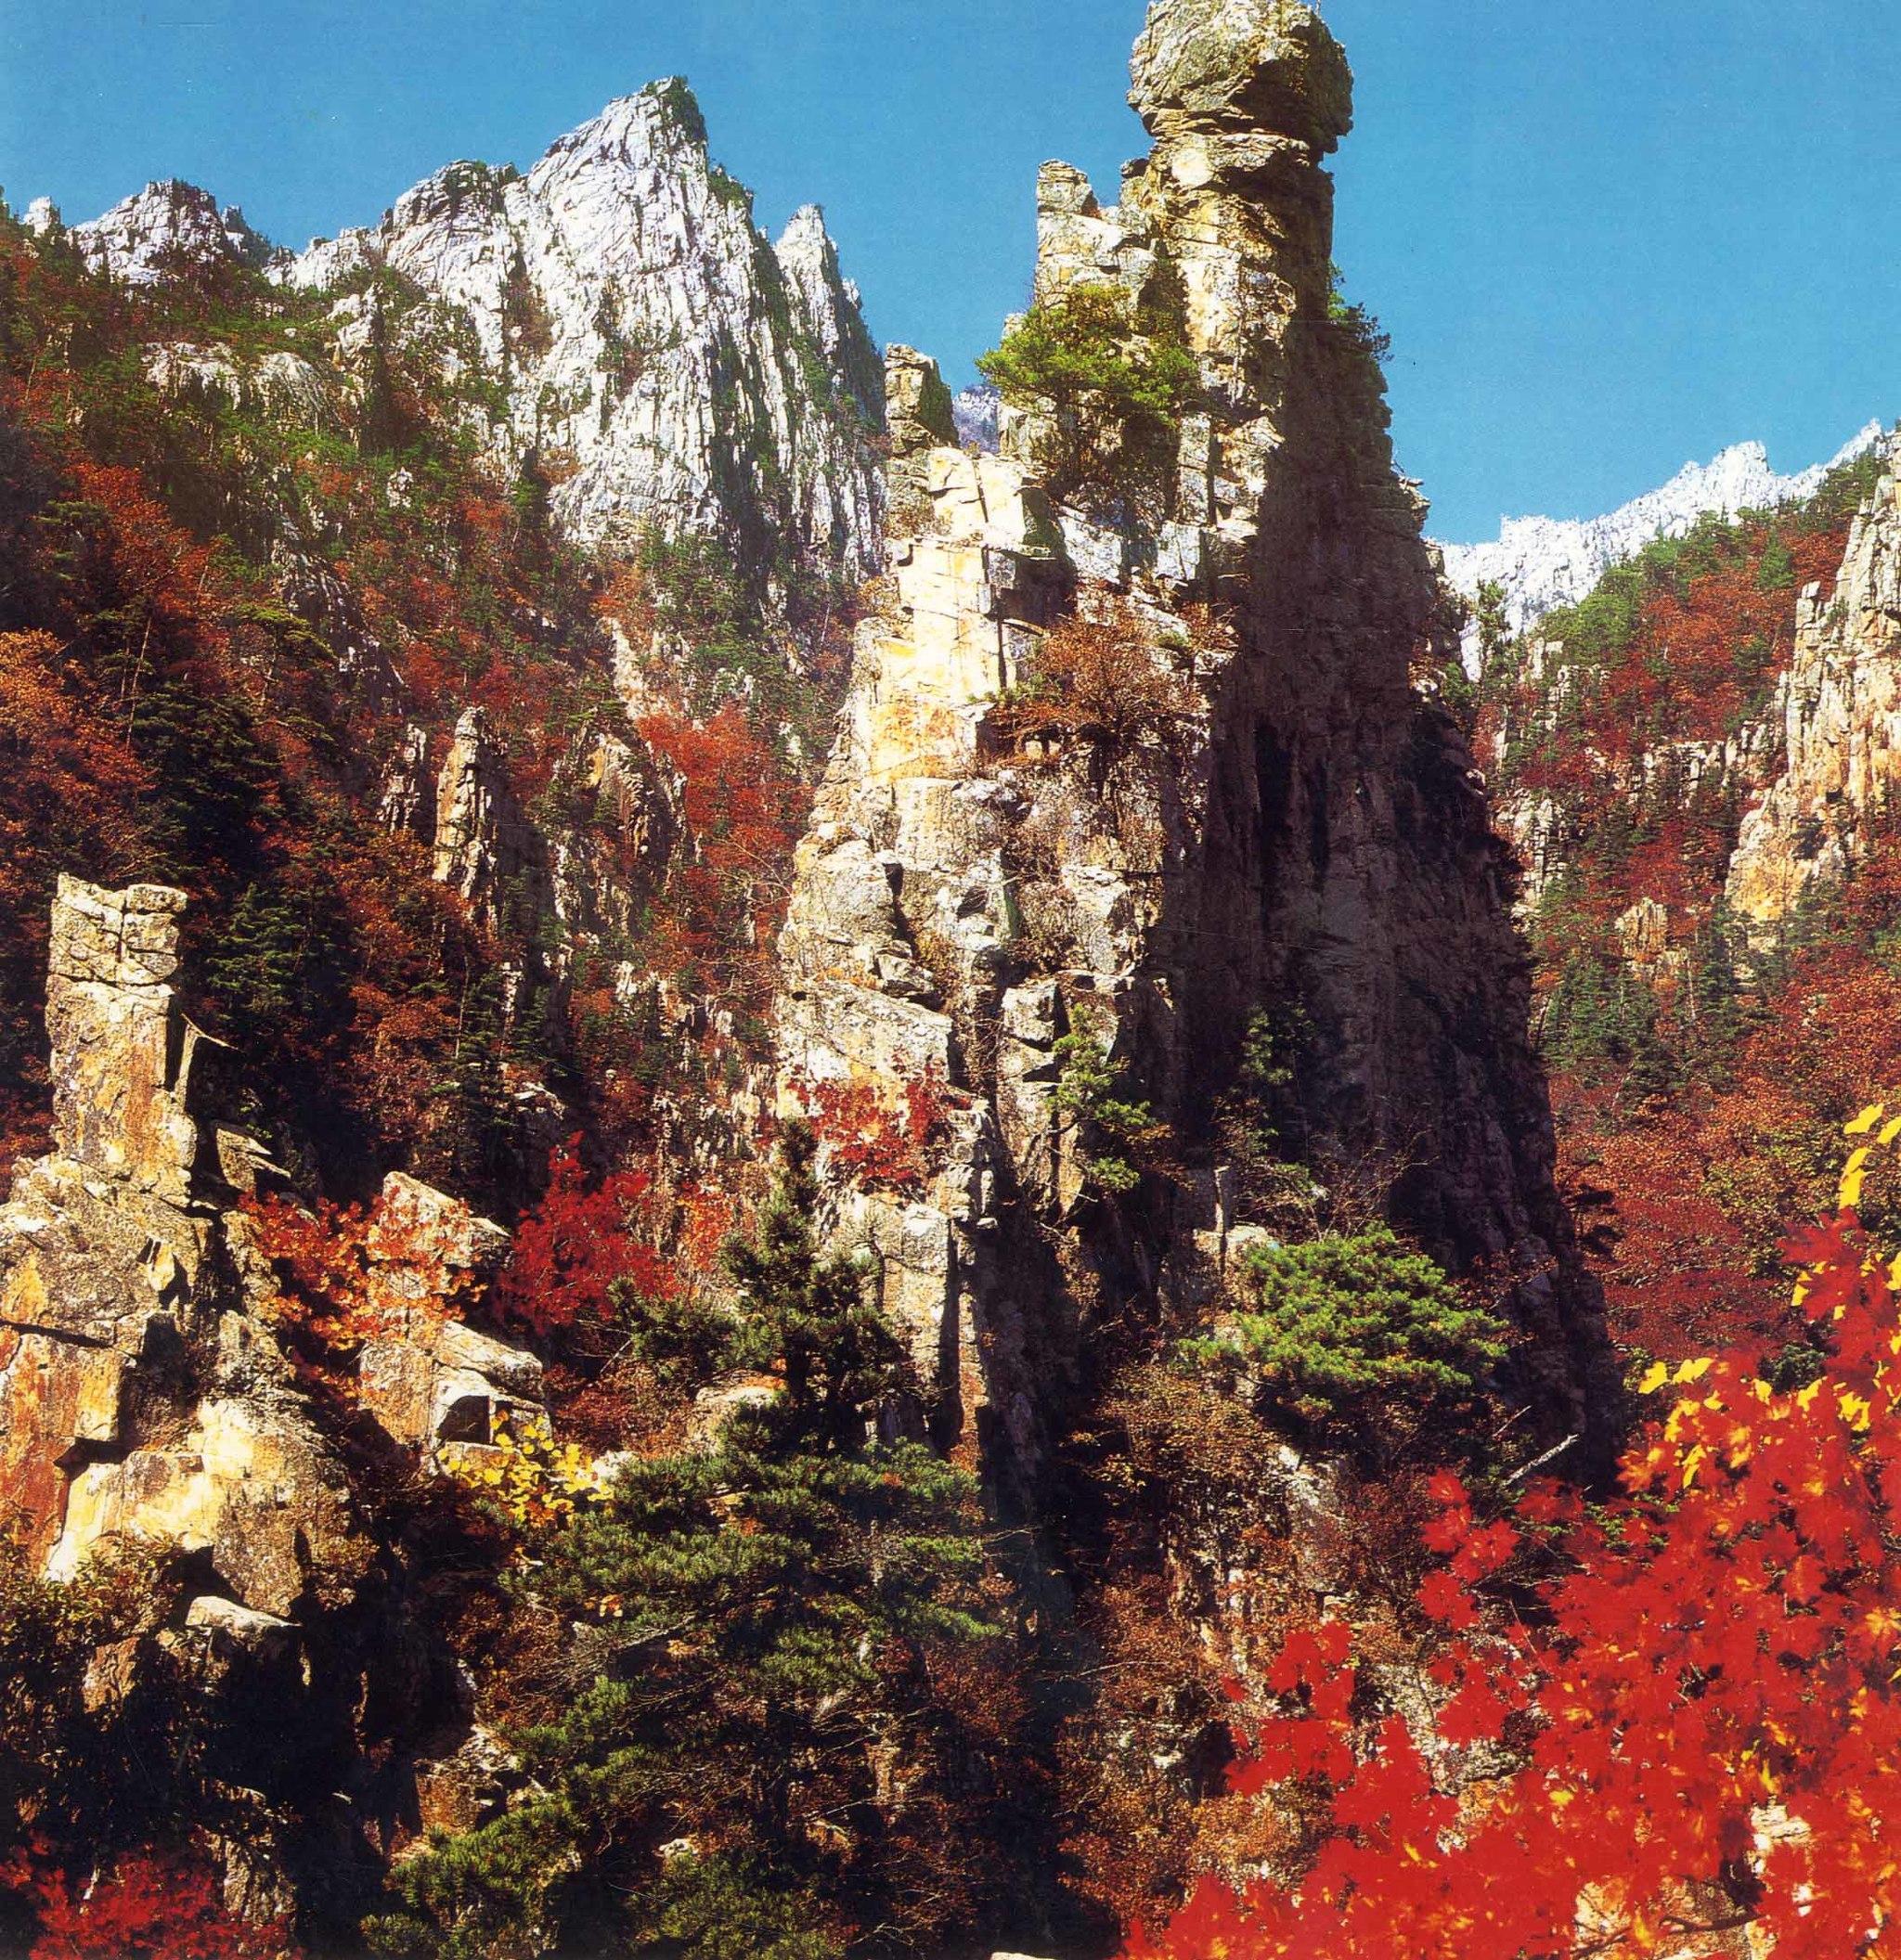 노랗고 빨간 수채화로 그려진 가을의 금강산, 단풍이 바위와 어울려 오묘한 운치를 던져주는 산이라고 해서 가을엔 풍악으로 불린다. 금강산은 지난 7월 유네스코 생물권 보전지역으로 지정됐다. [중앙포토]